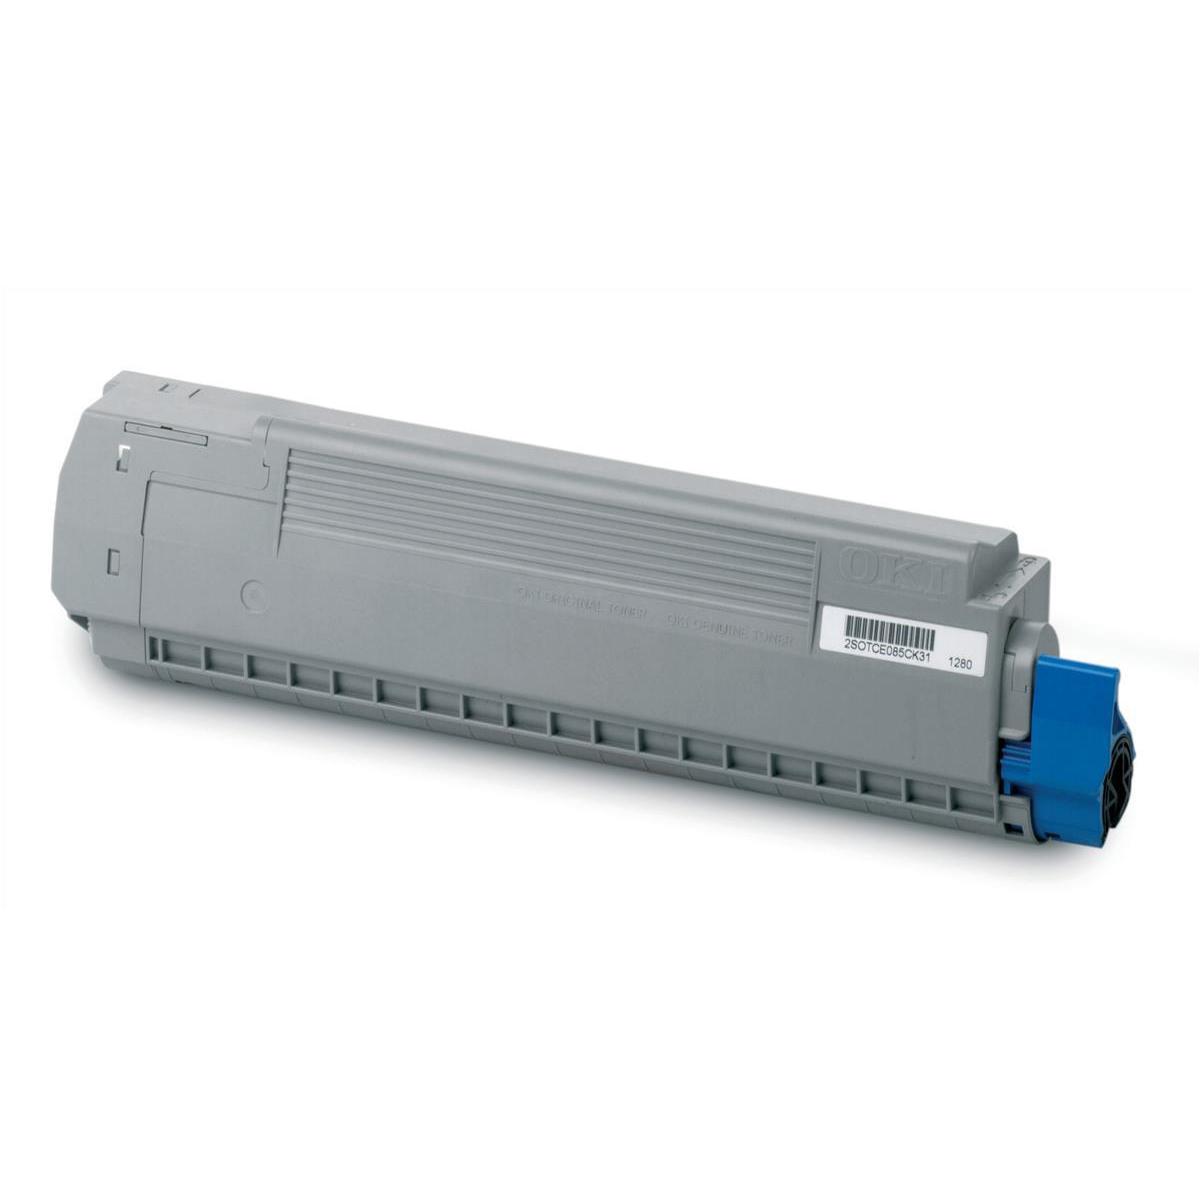 Oki Laser Toner Cartridge Page Life 10000pp Magenta Ref 44059210